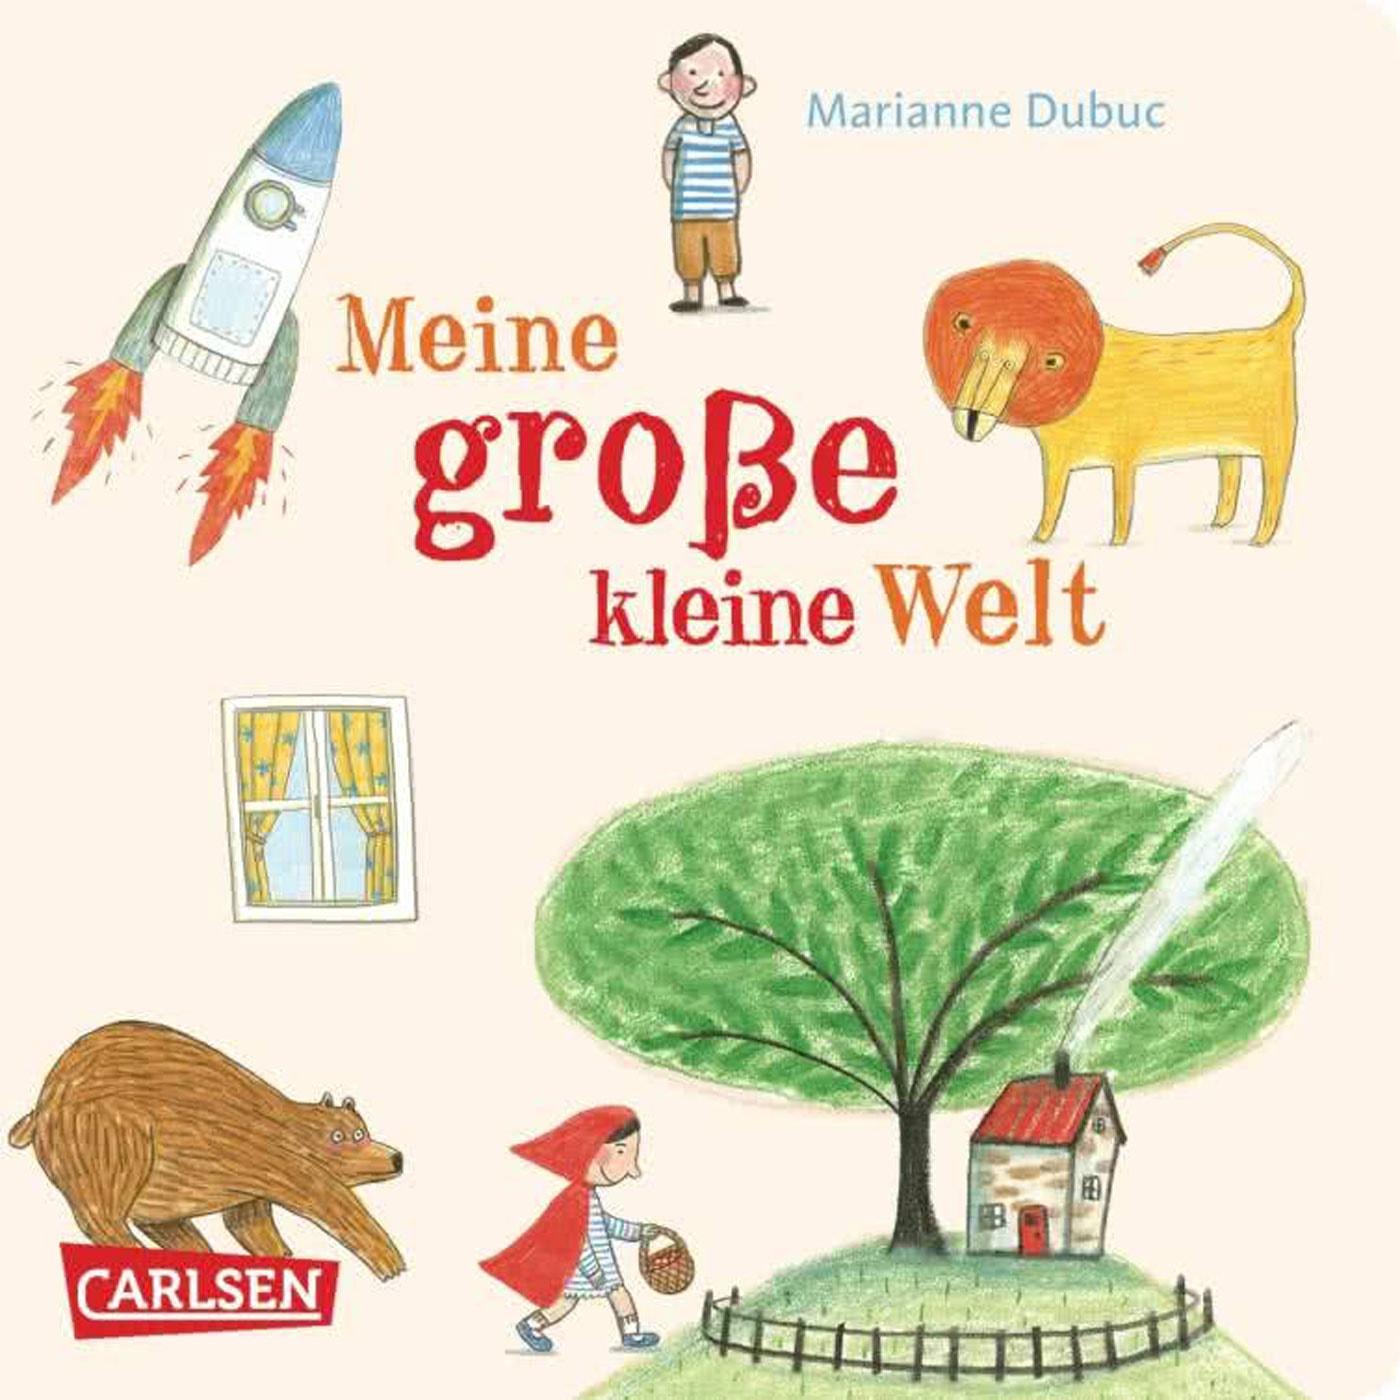 Wunderbares Bilderbuch für die Kleinkinder: Meine große kleine Welt // HIMBEER